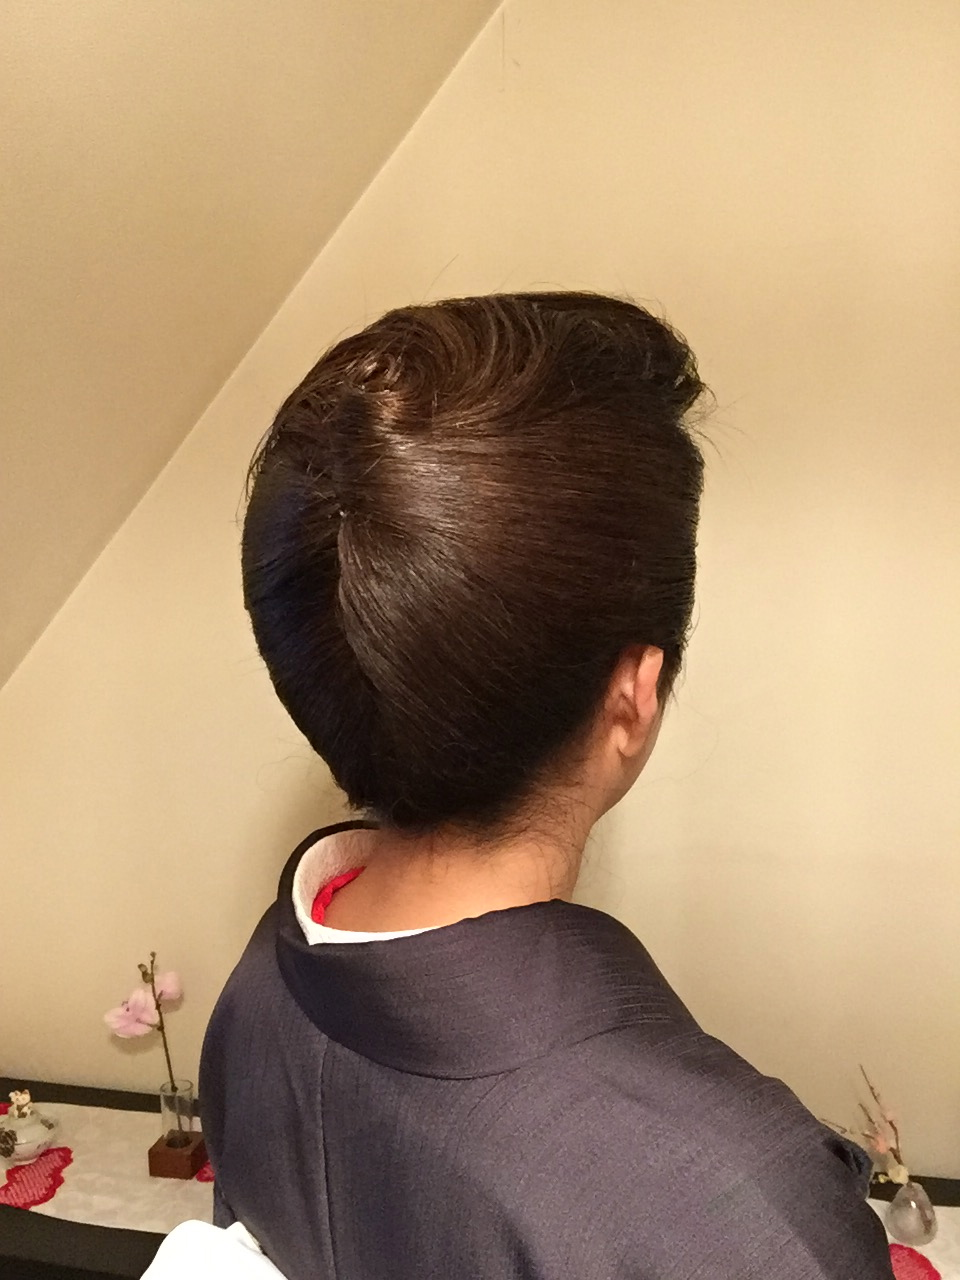 着物ヘアセット、クラシックなアップがお上手な美容室「雛罌粟(コクリコ)」さんへ♪